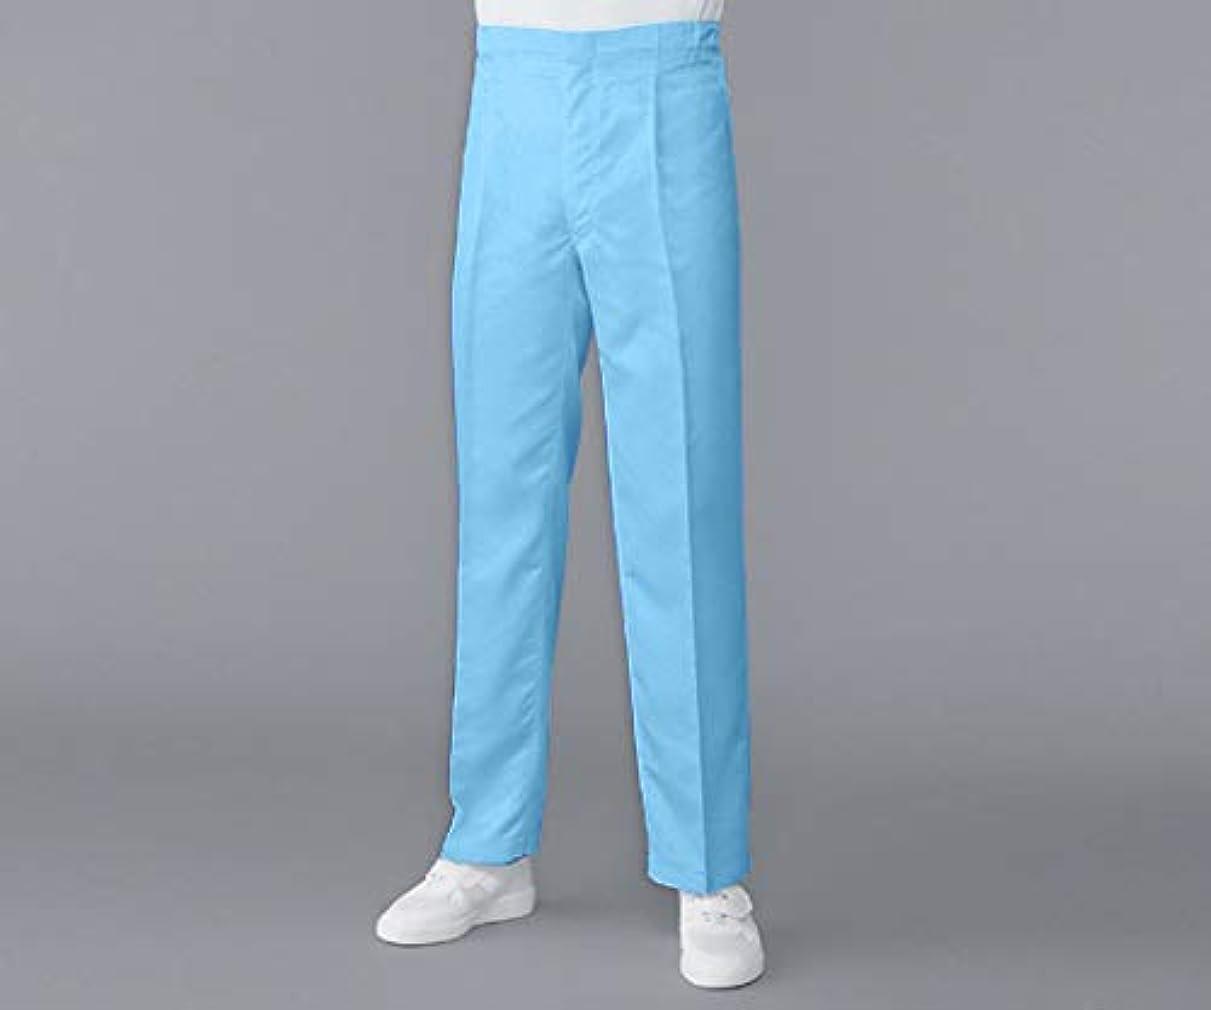 赤字ありがたい縞模様の無塵衣AS304A パンツ ブルー